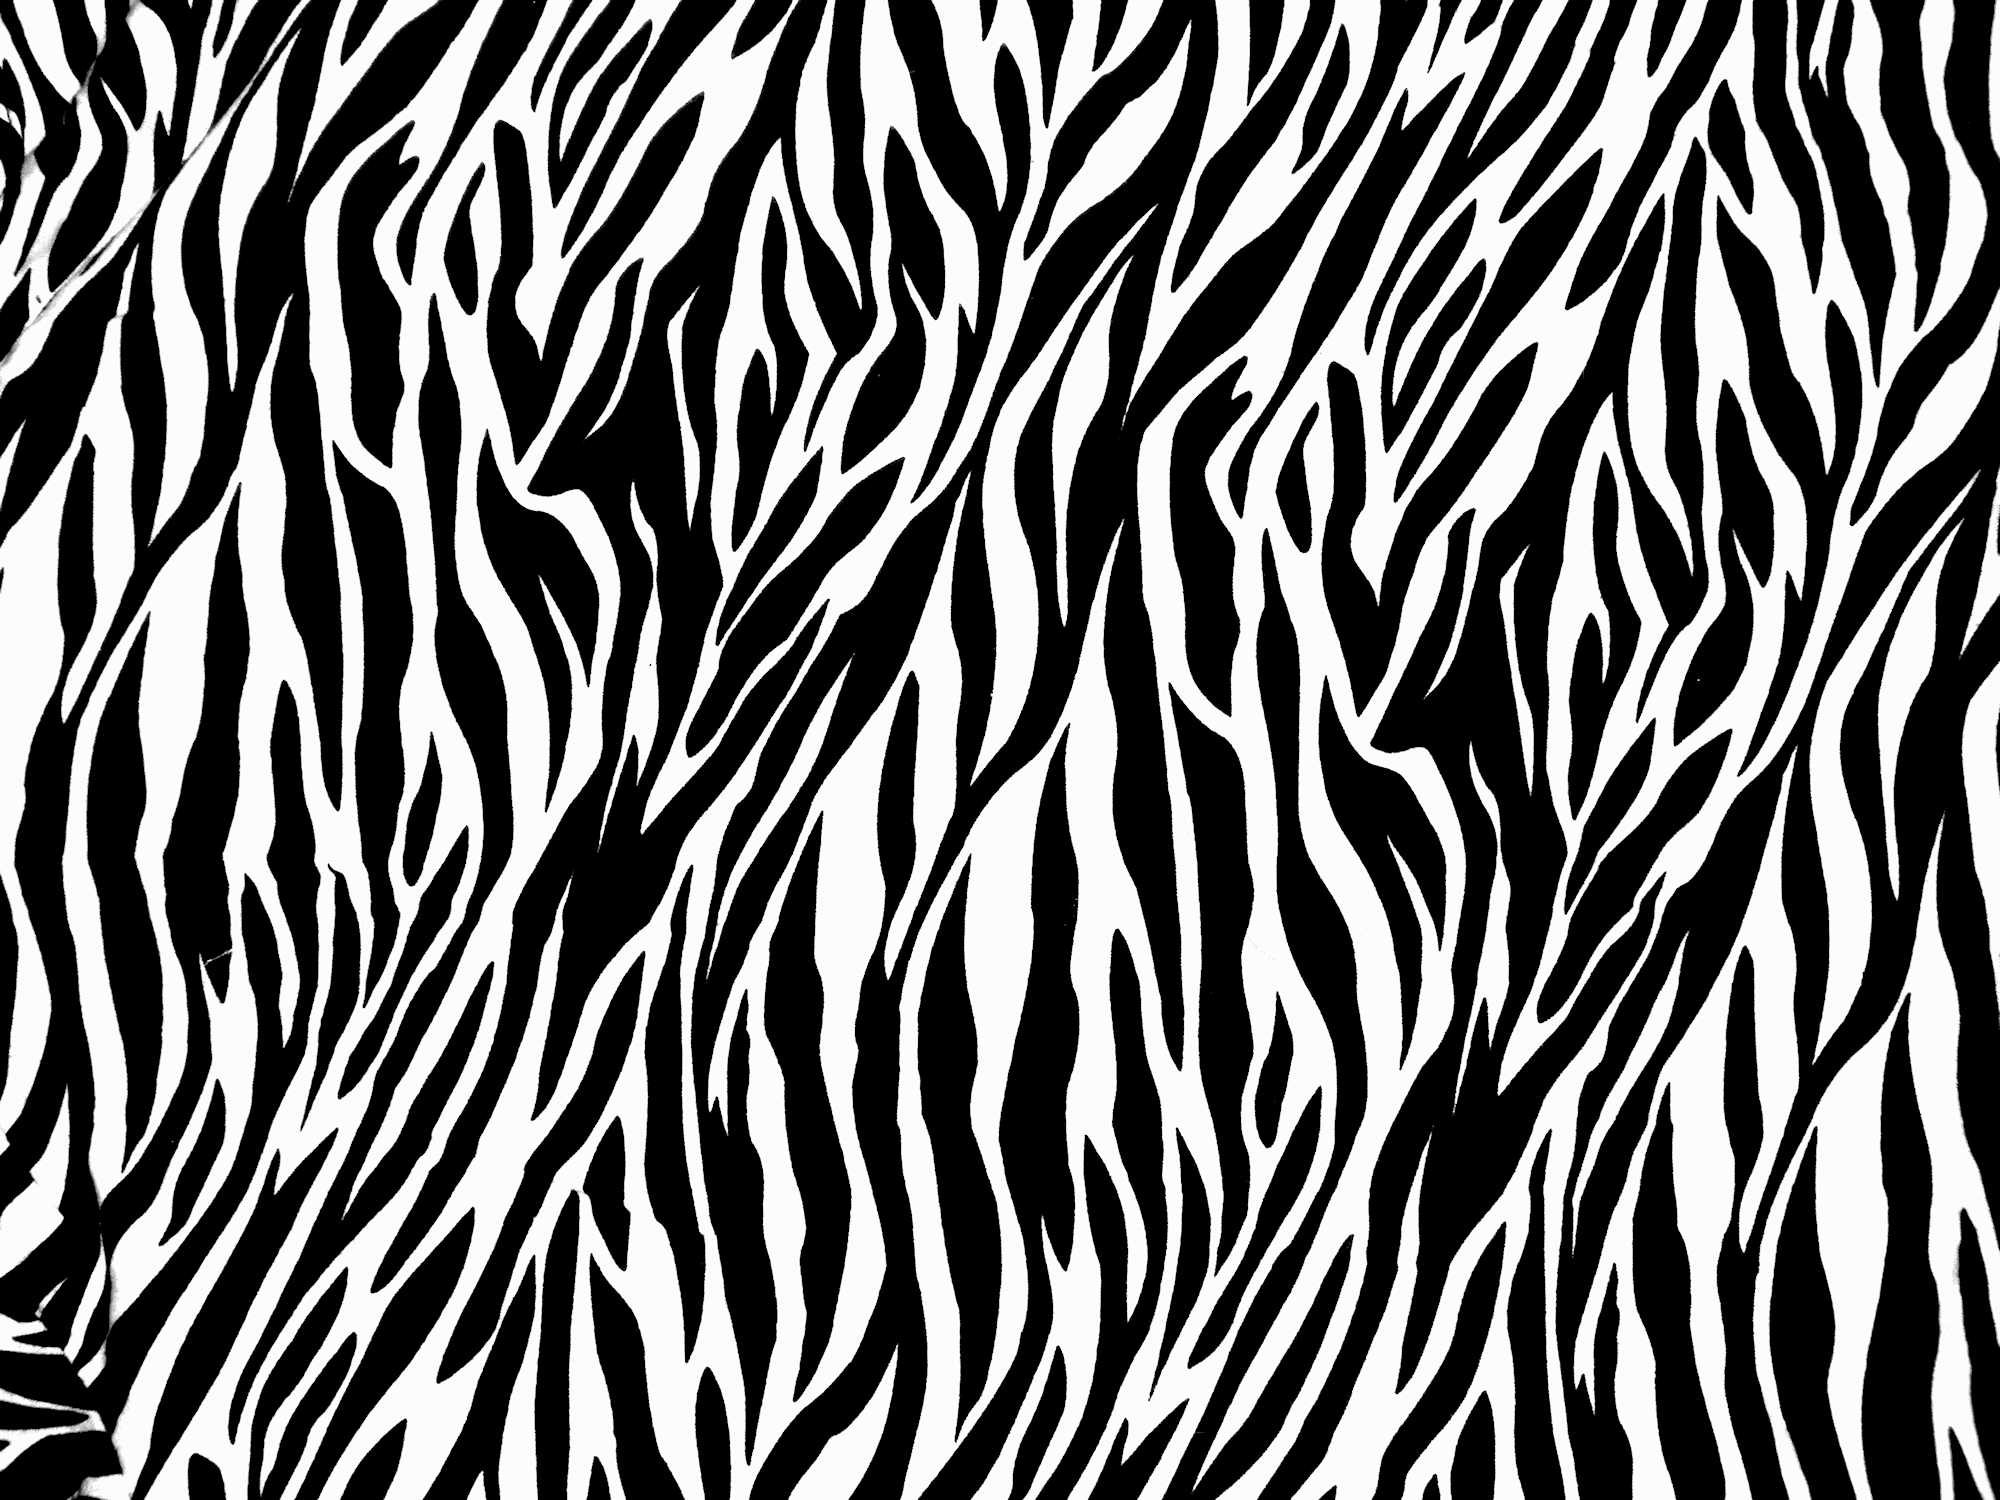 Leopard Print PNG - 43136